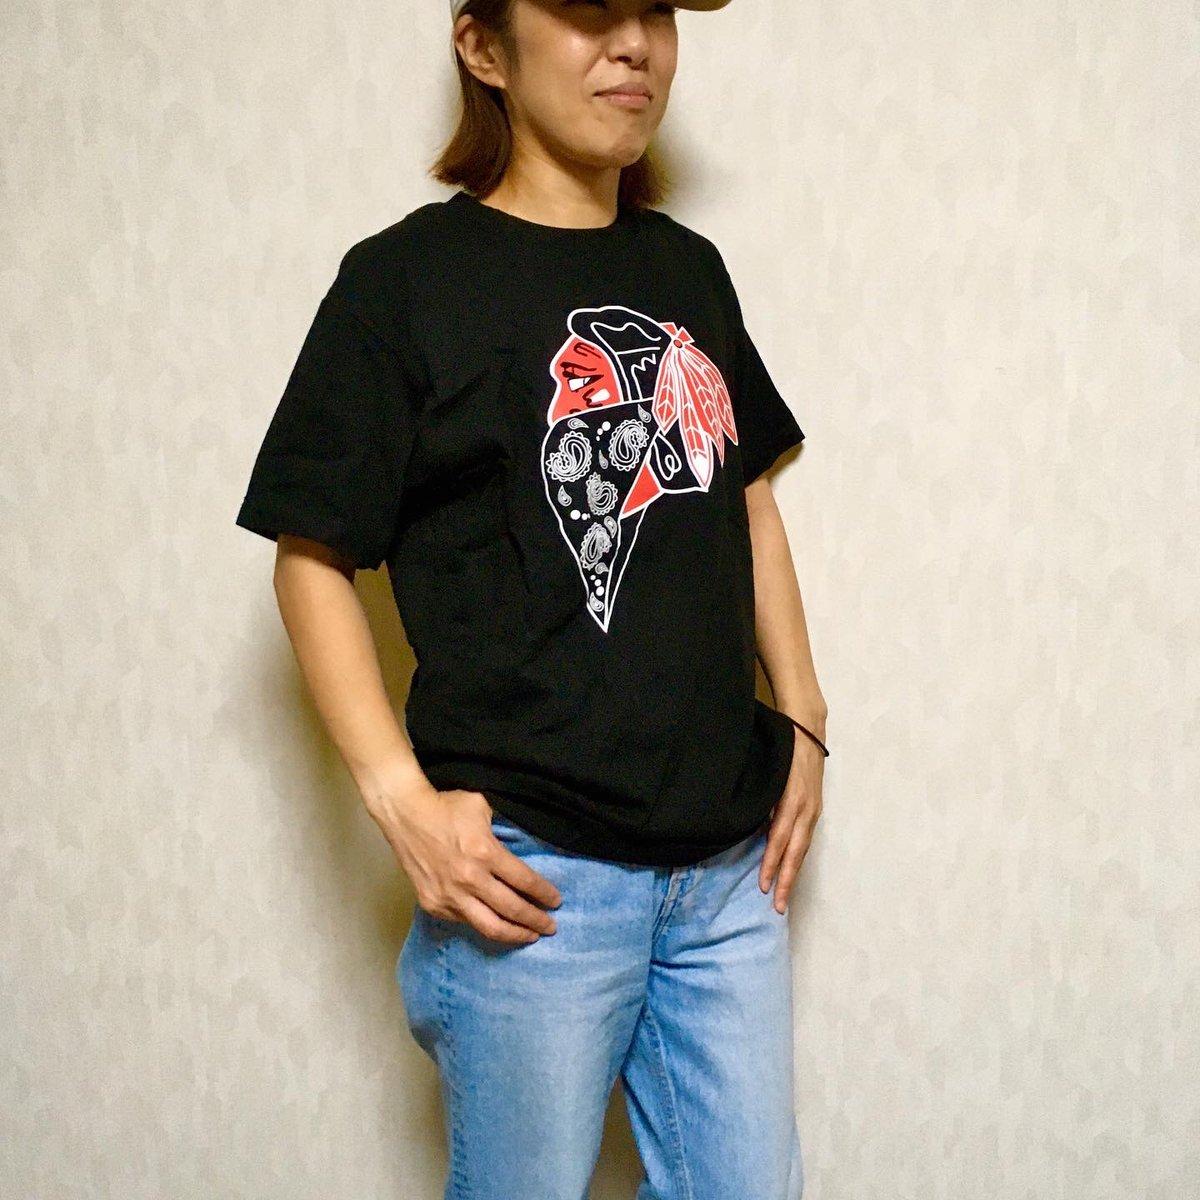 身長163cm/体重46kg/サイズMを着用 【PRICE】 ¥3,000(送料無料) 【COMMENT】 超人気NHLチームのギャングスタパロディTEEを女性スタッフが着用してみました。 https://t.co/WtKwGAsgYf  #ヒップホップファッション #B系 #hiphop #ストリート系 #Tシャツ #TEE #半袖  #NHL #ブラックホークス #ホッケー https://t.co/CCINuoI8JA